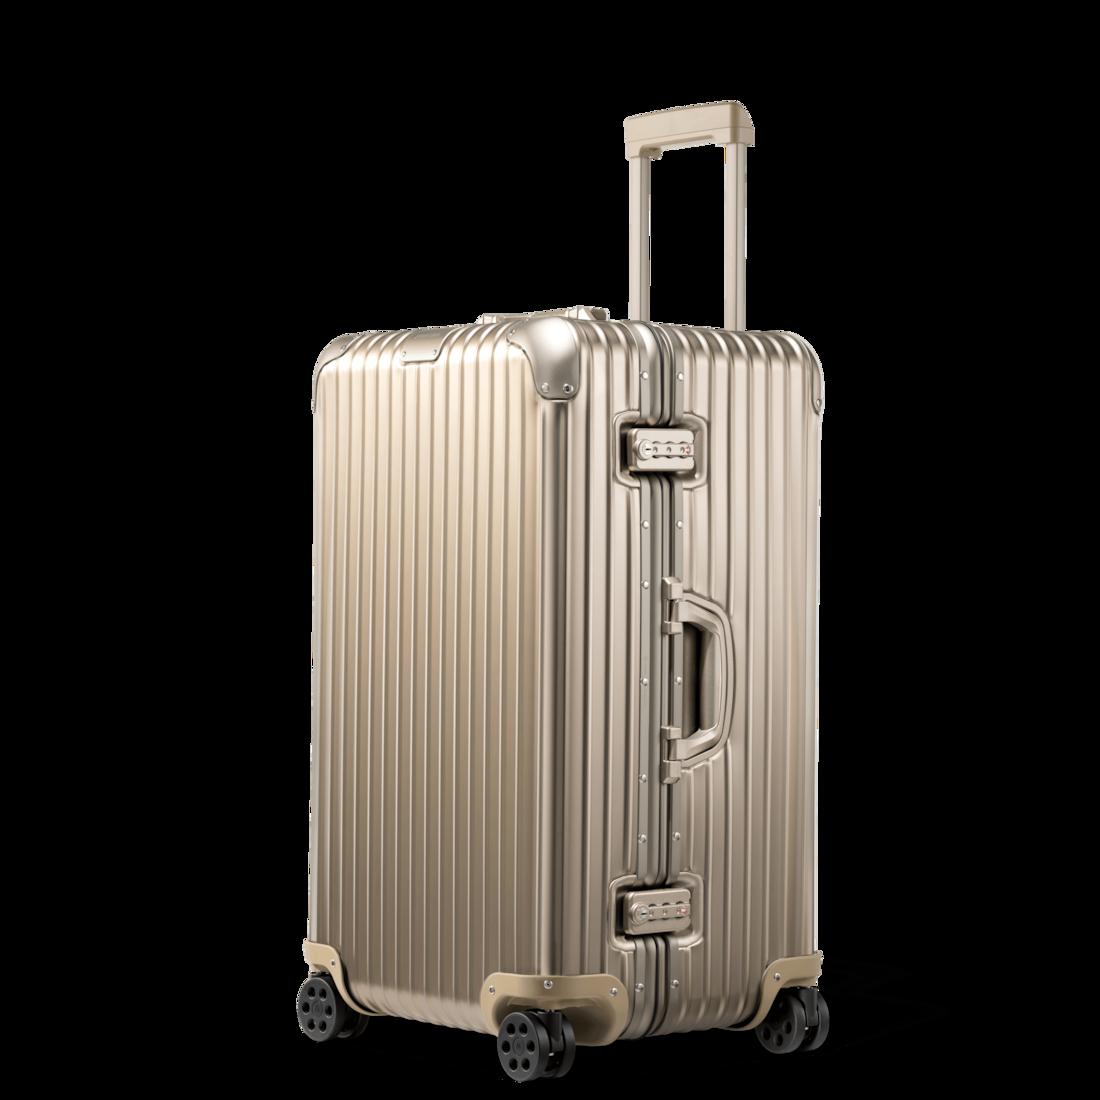 RIMOWA(リモワ)おすすめのブランドスーツケース2